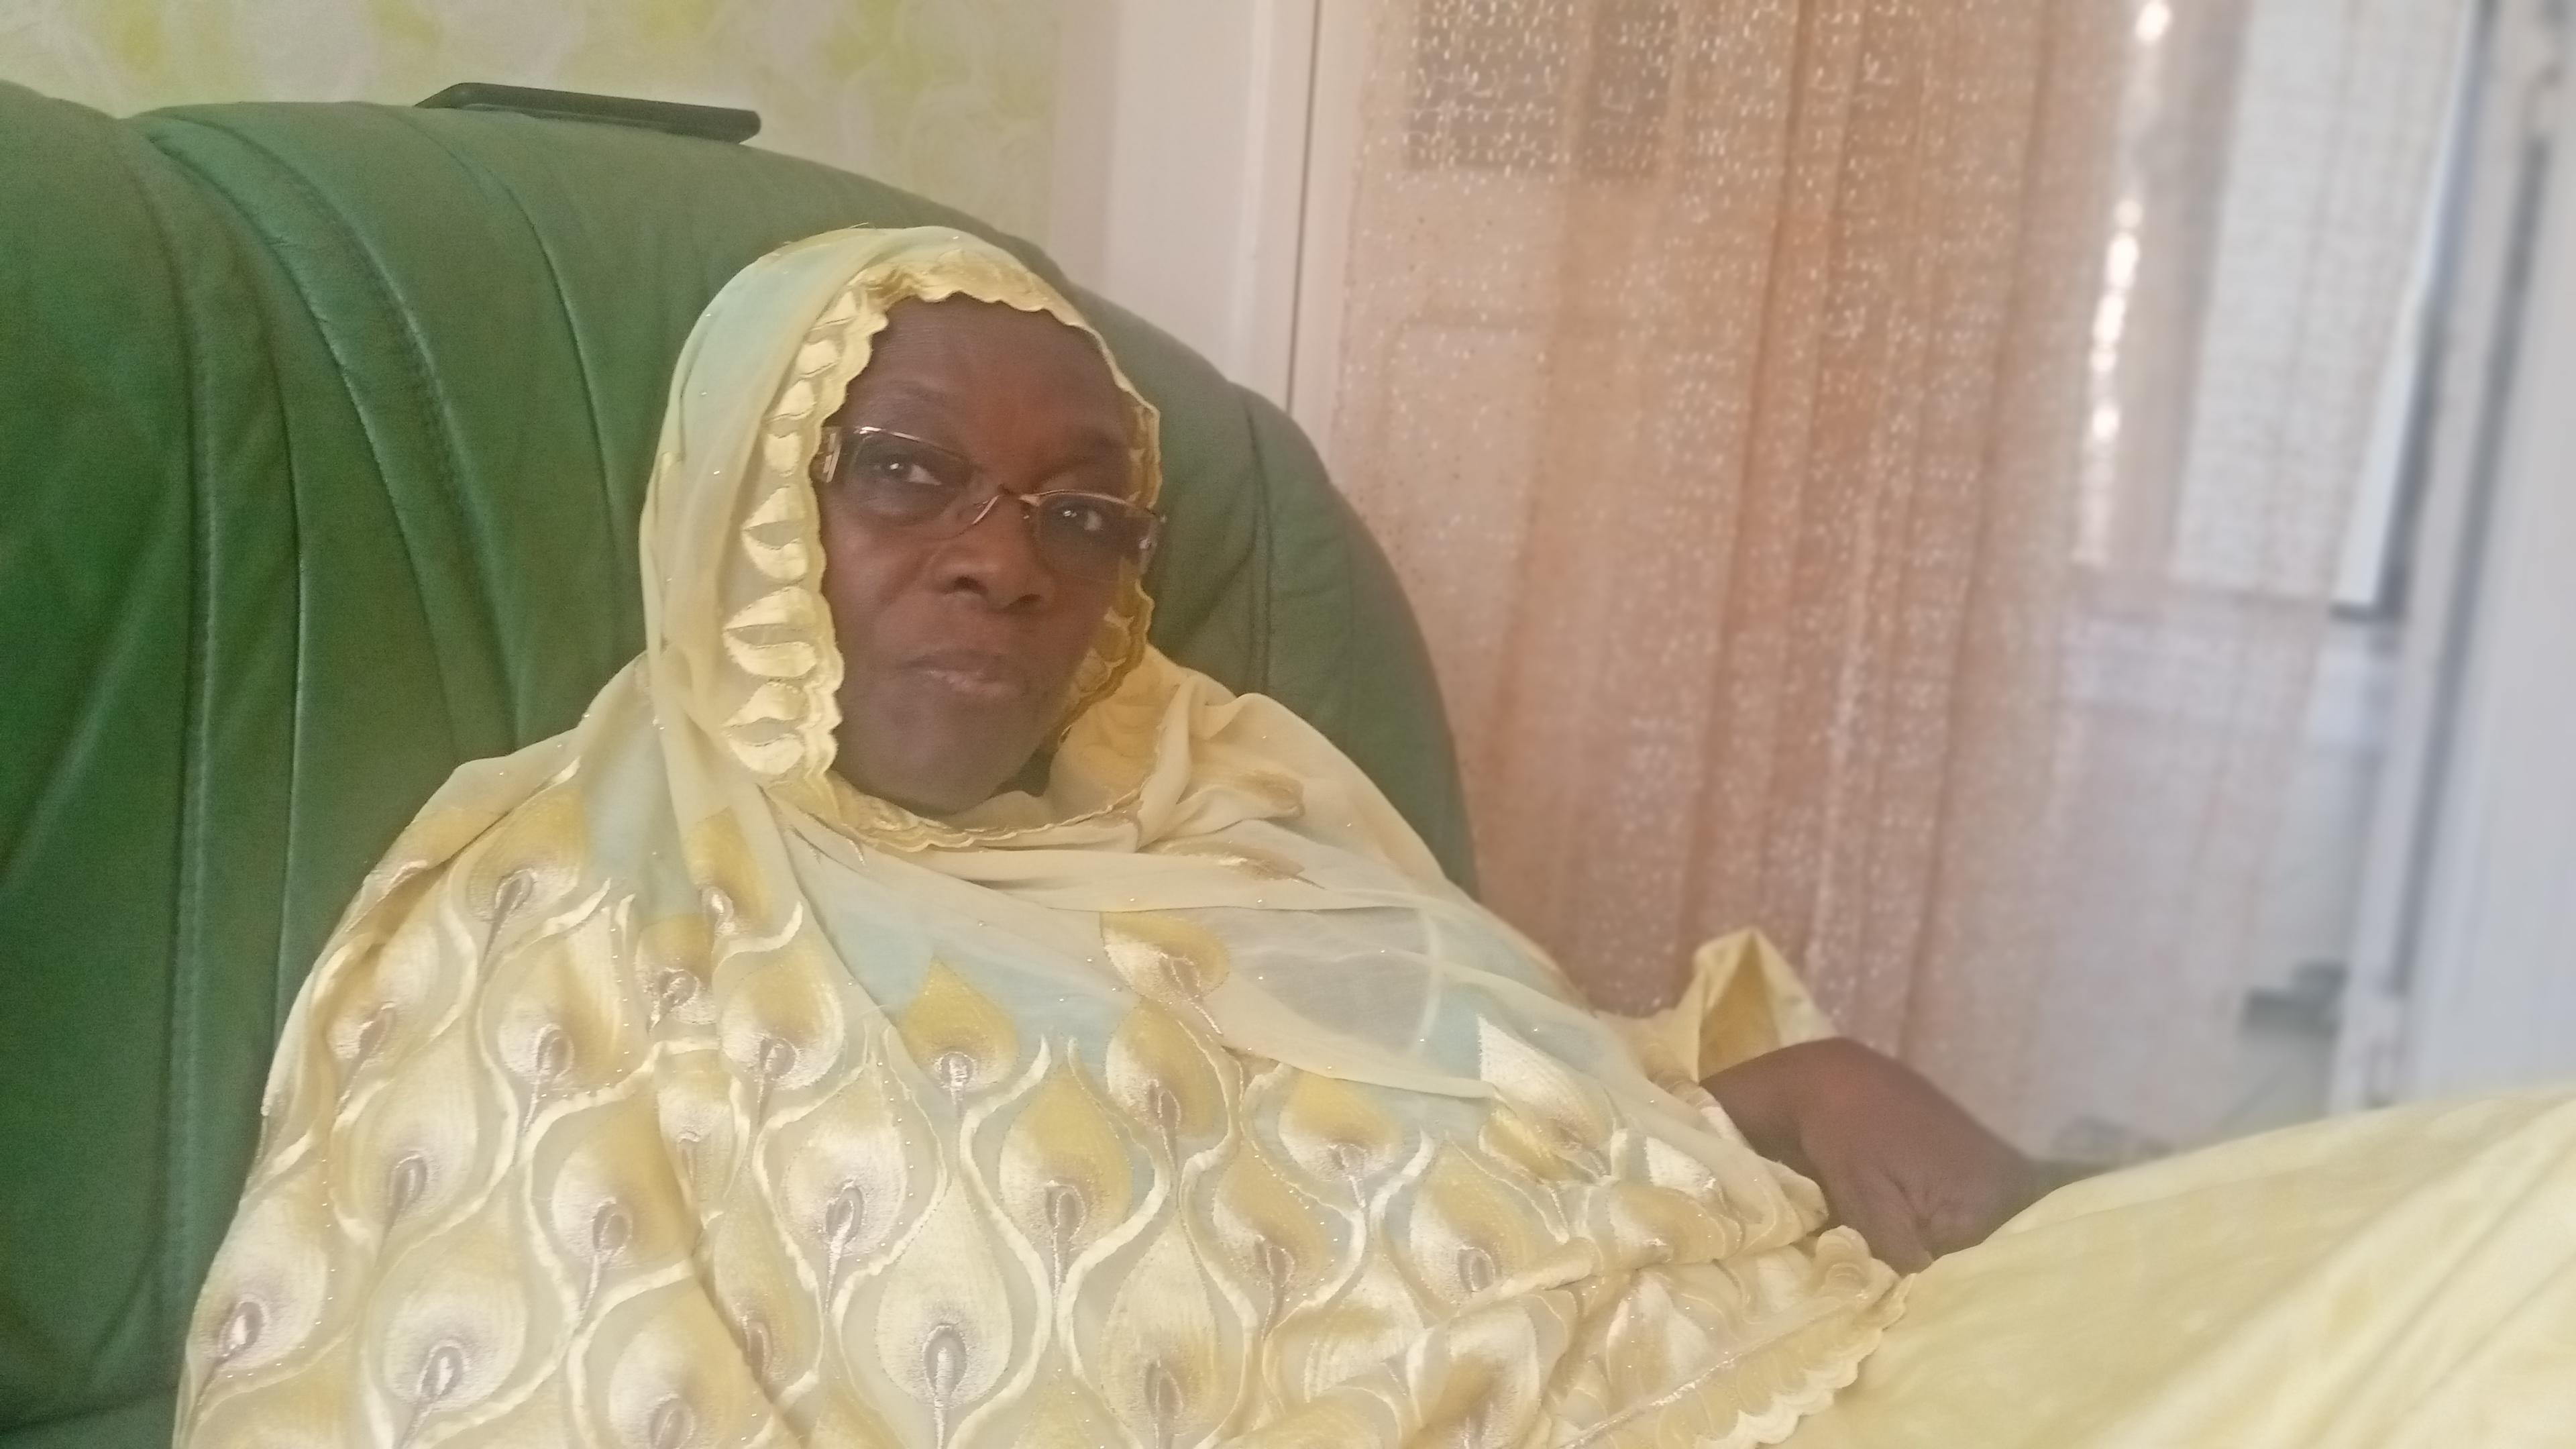 Après une dizaine d'années passées en Europe, Fabineta Lô retourne à Dakar avec la rage de construire la « Maison de la femme migrante »